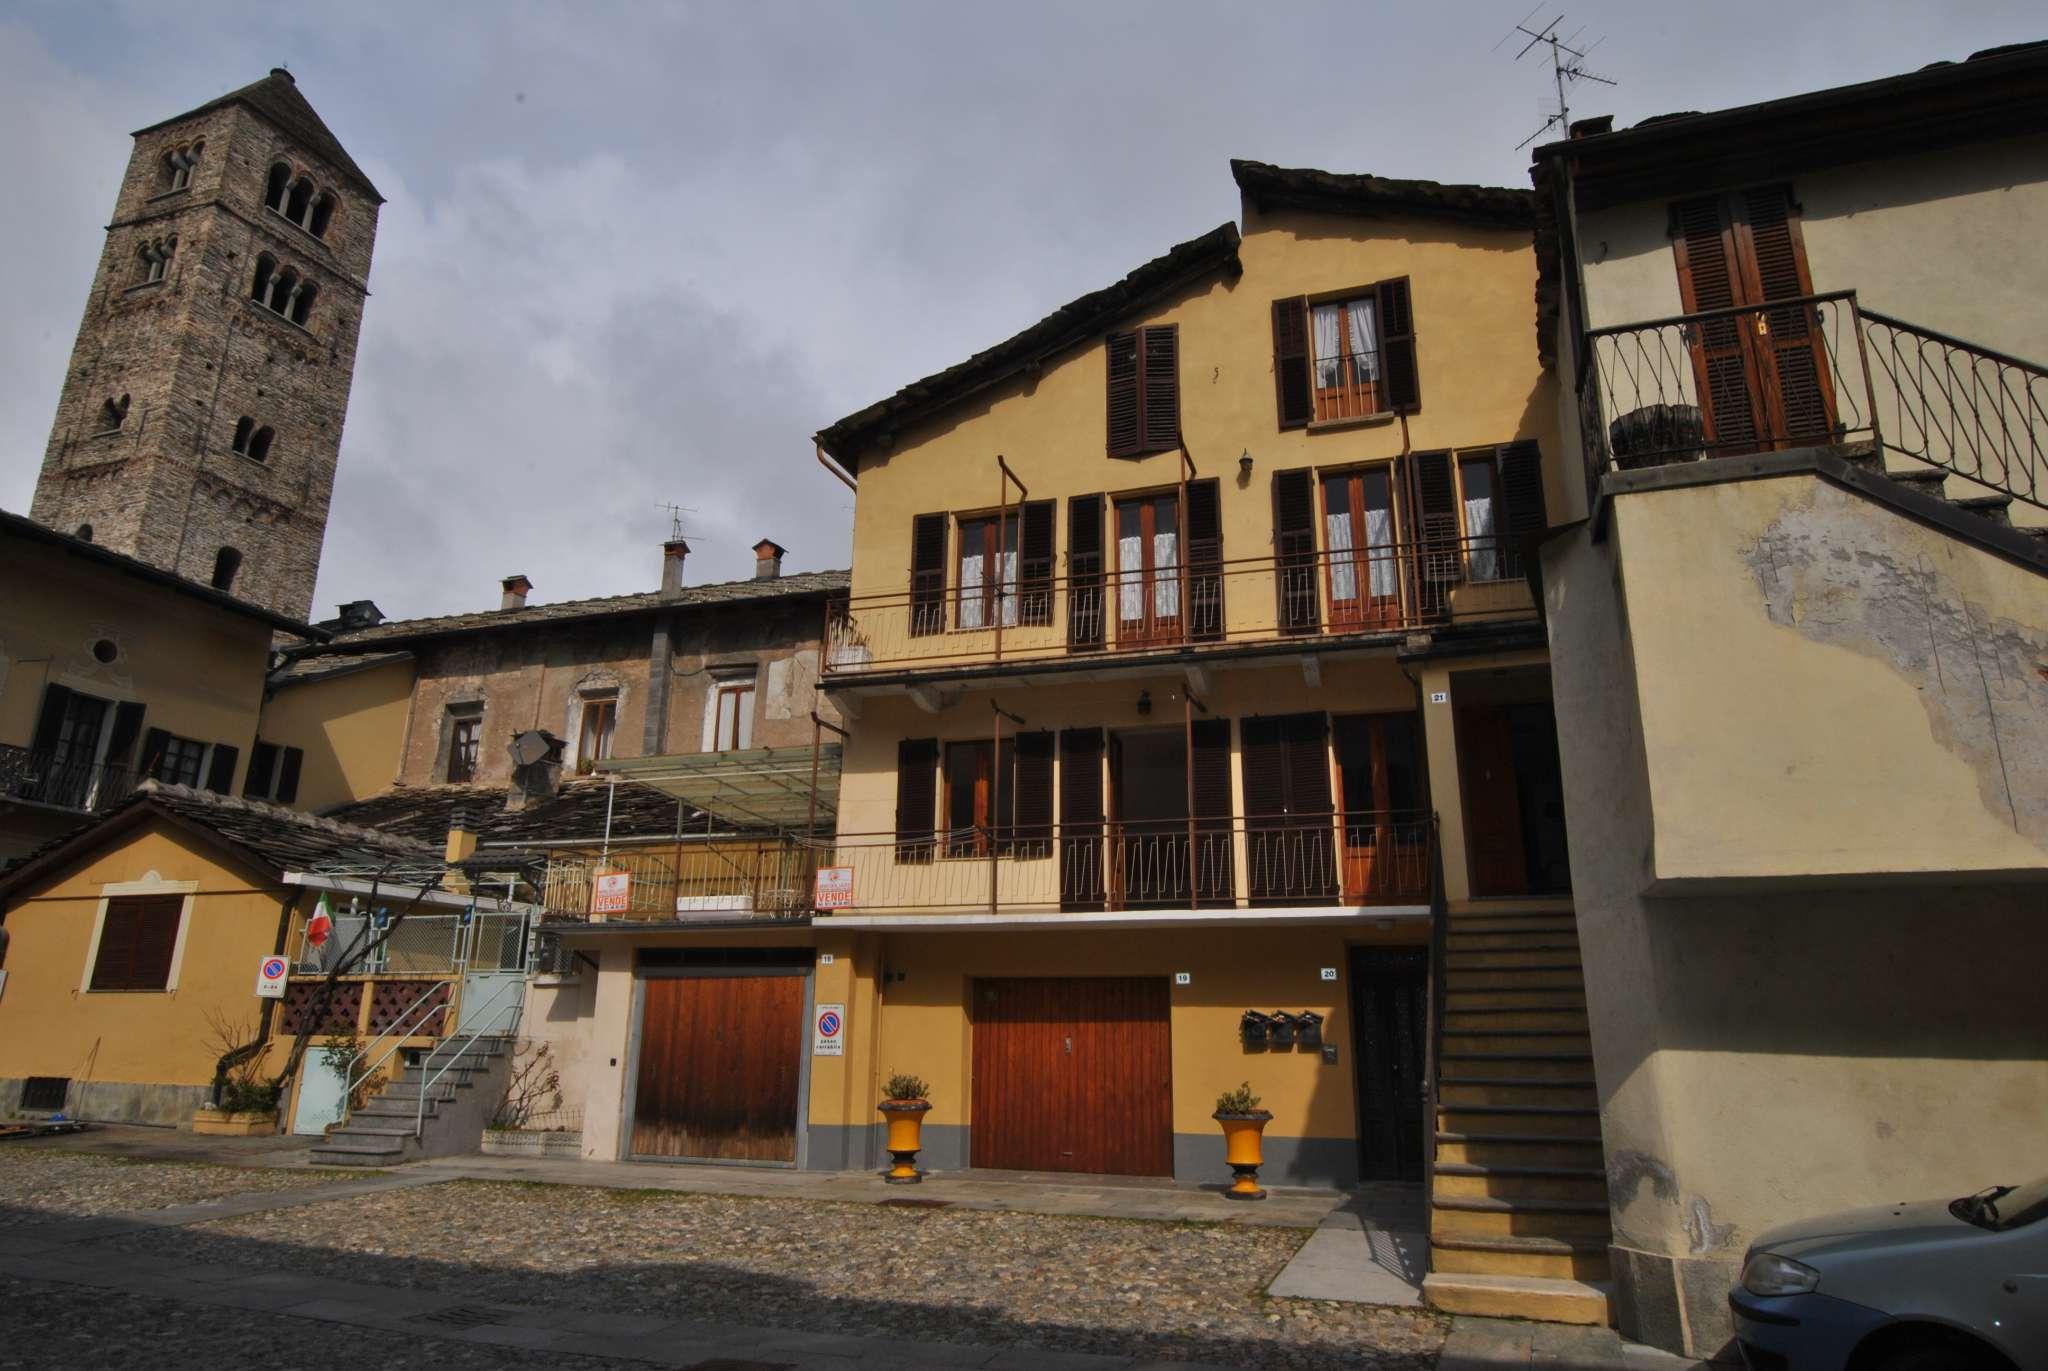 Appartamento in vendita a Susa, 4 locali, prezzo € 75.000 | PortaleAgenzieImmobiliari.it